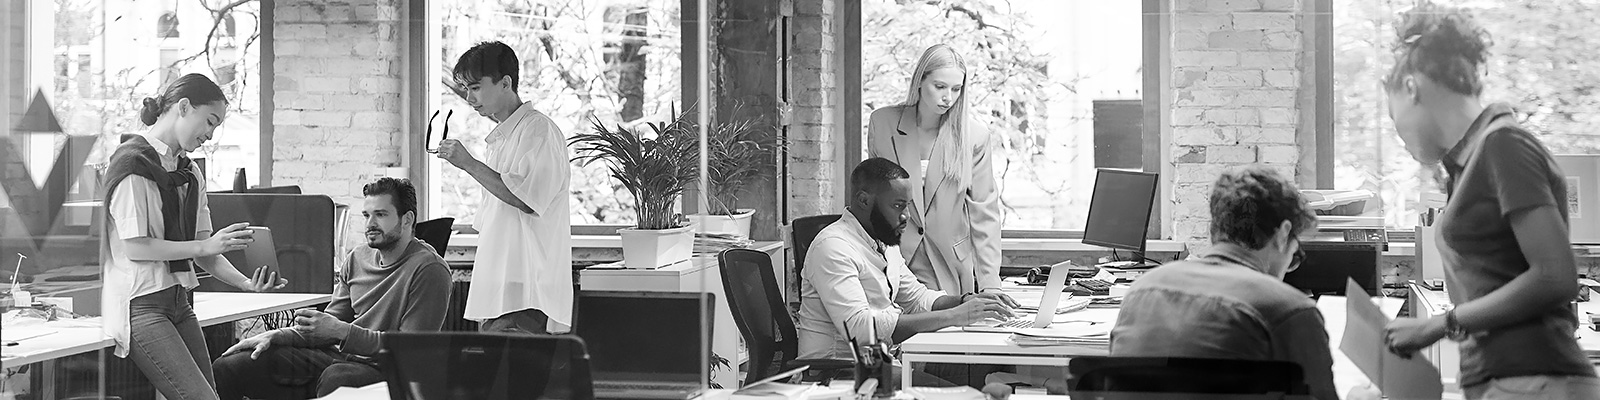 多様性 人種 オフィス イメージ